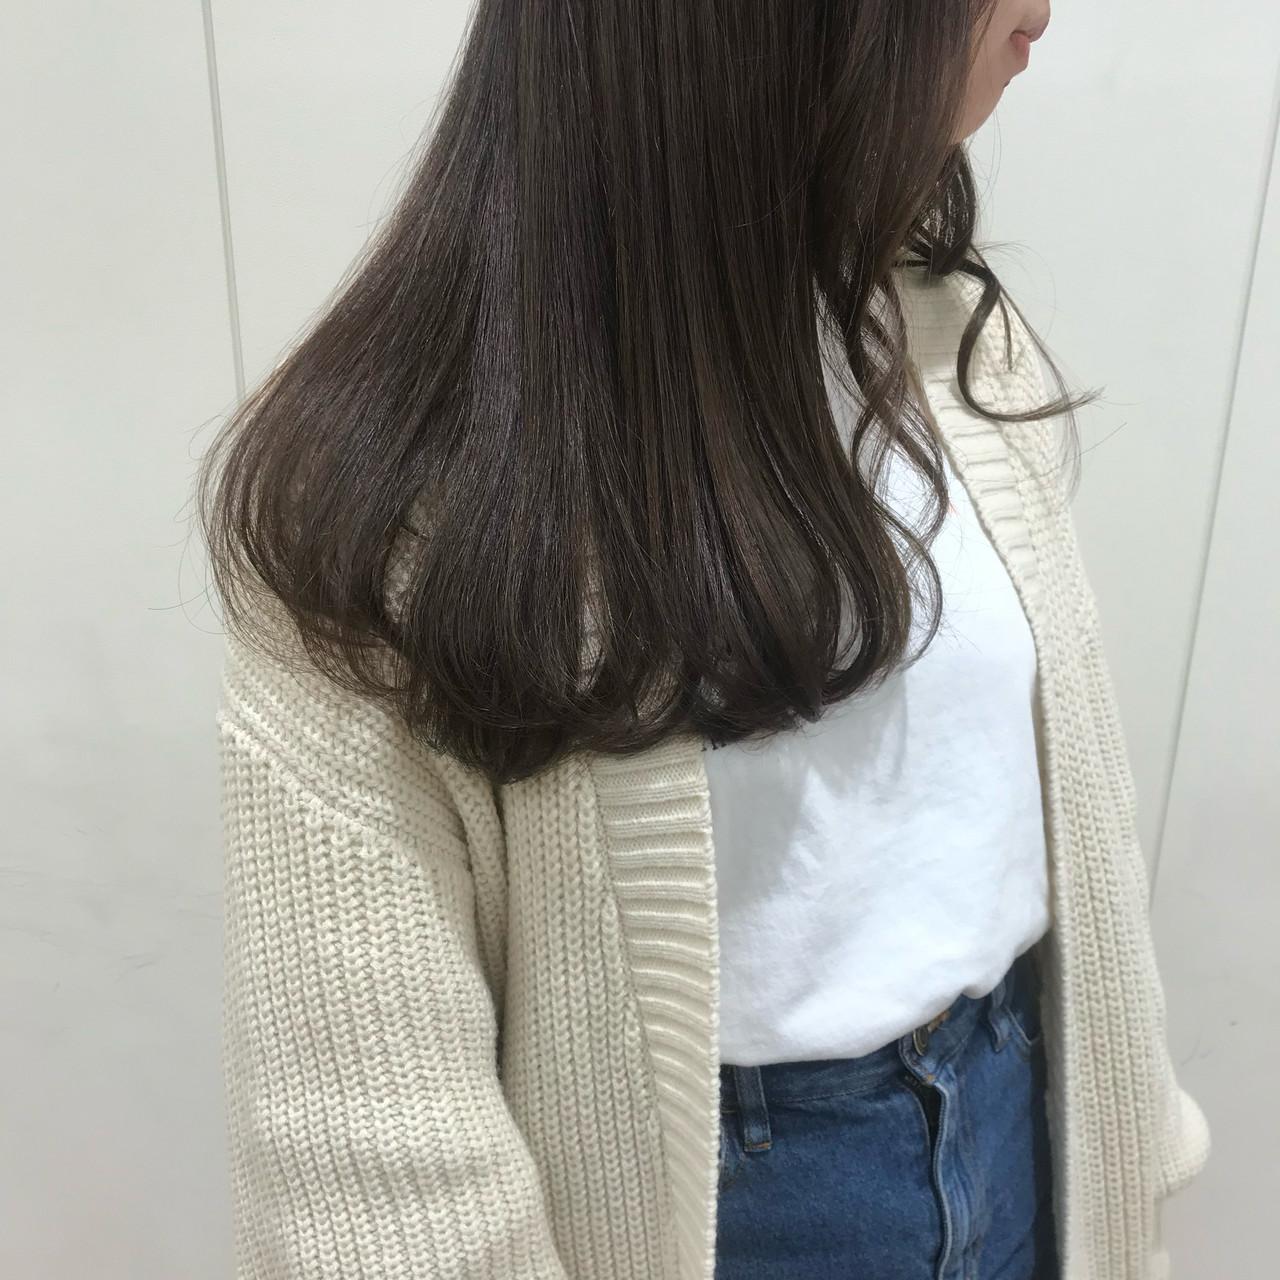 オリーブグレージュ 艶髪 韓国ヘア マットグレージュ ヘアスタイルや髪型の写真・画像 | かんべあやか / moriofromlondon  omiya